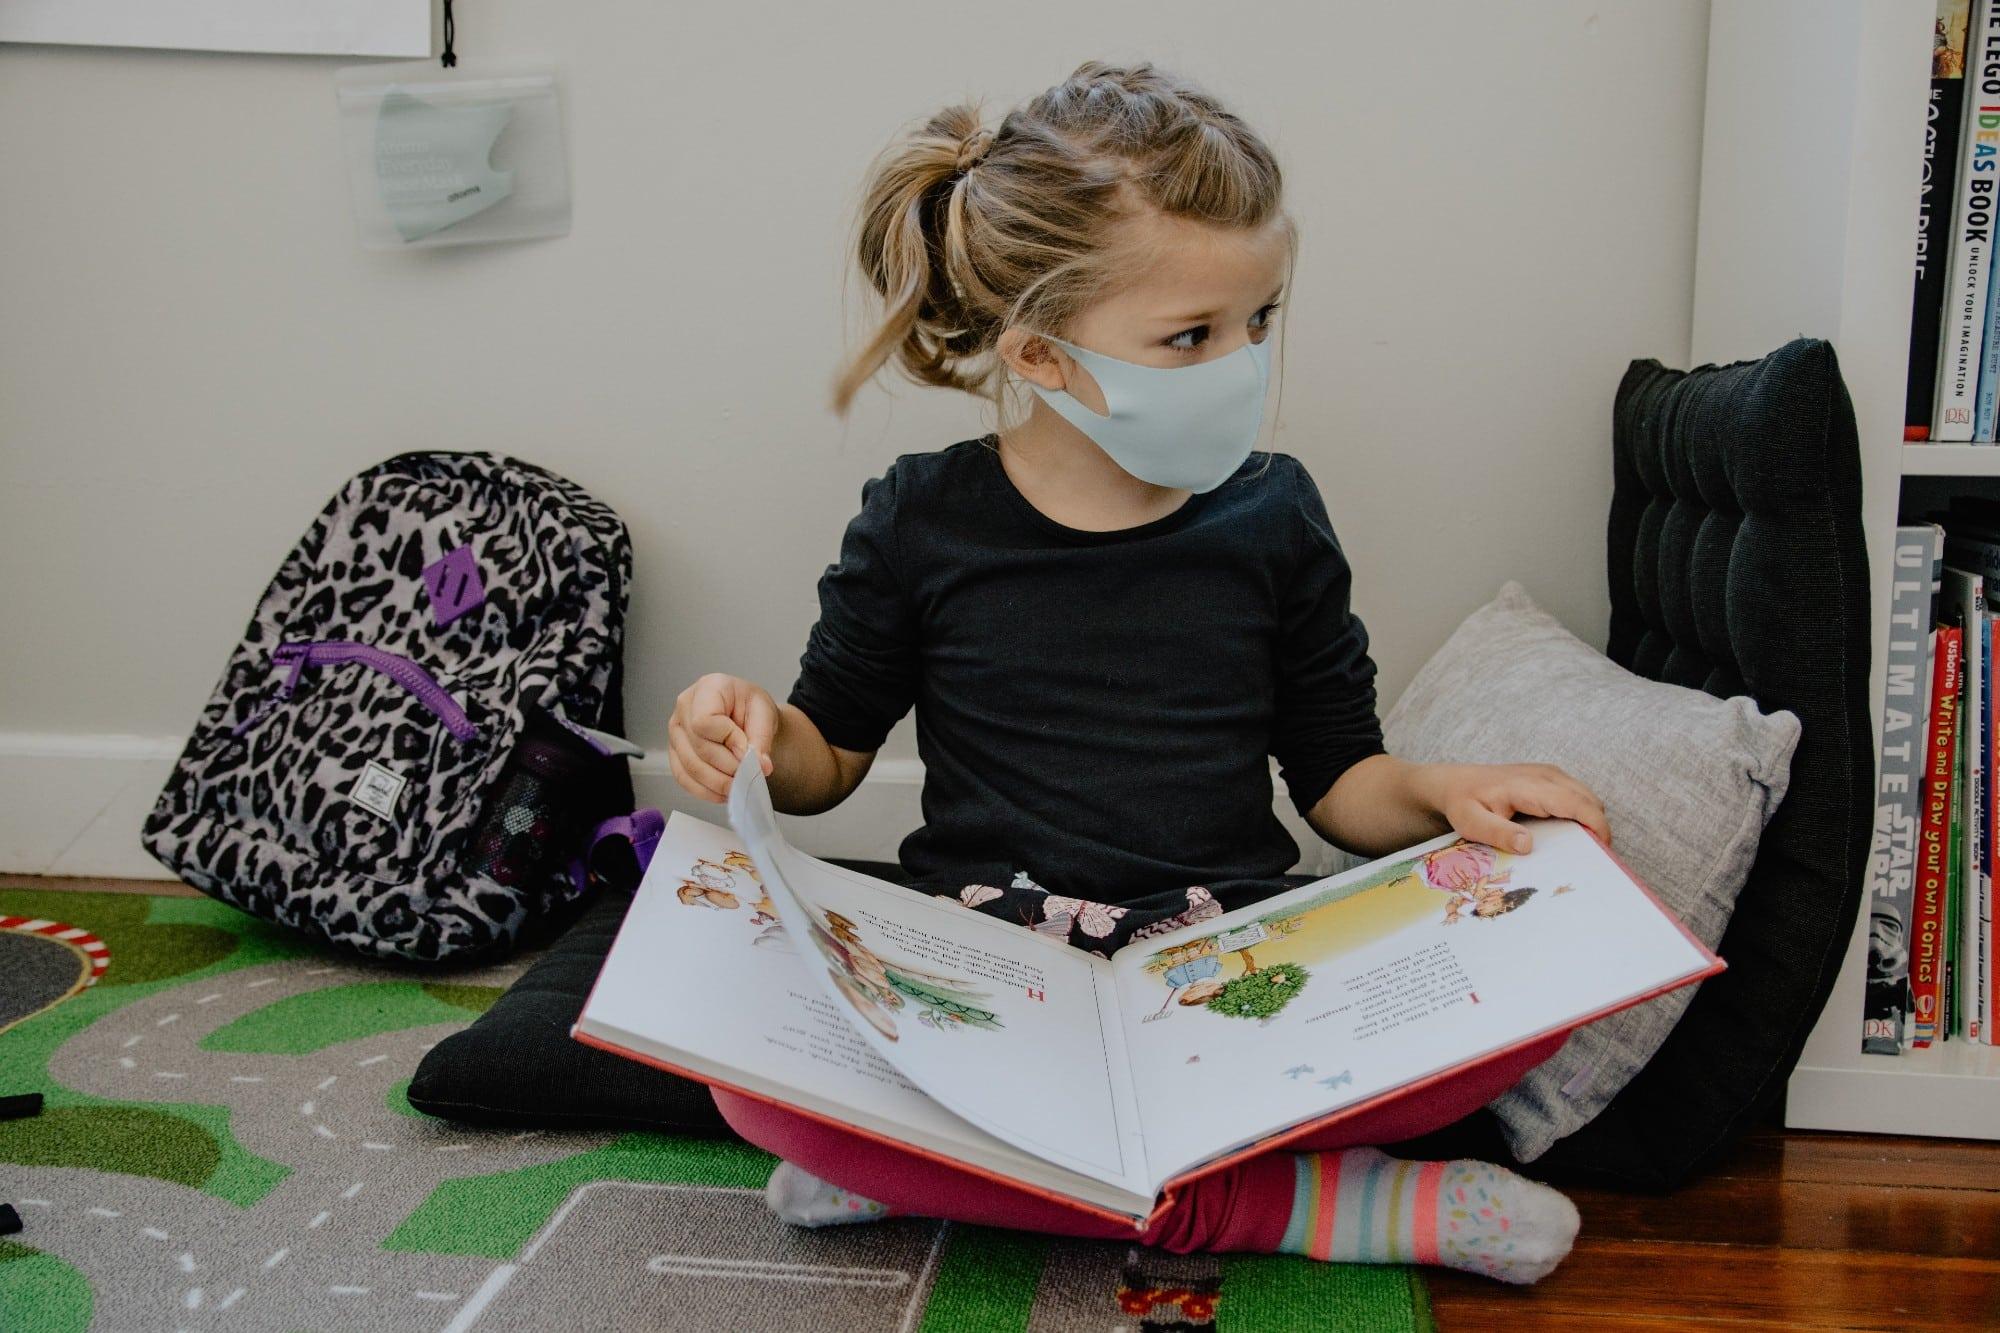 enfant qui lit un livre à l'école avec son masque